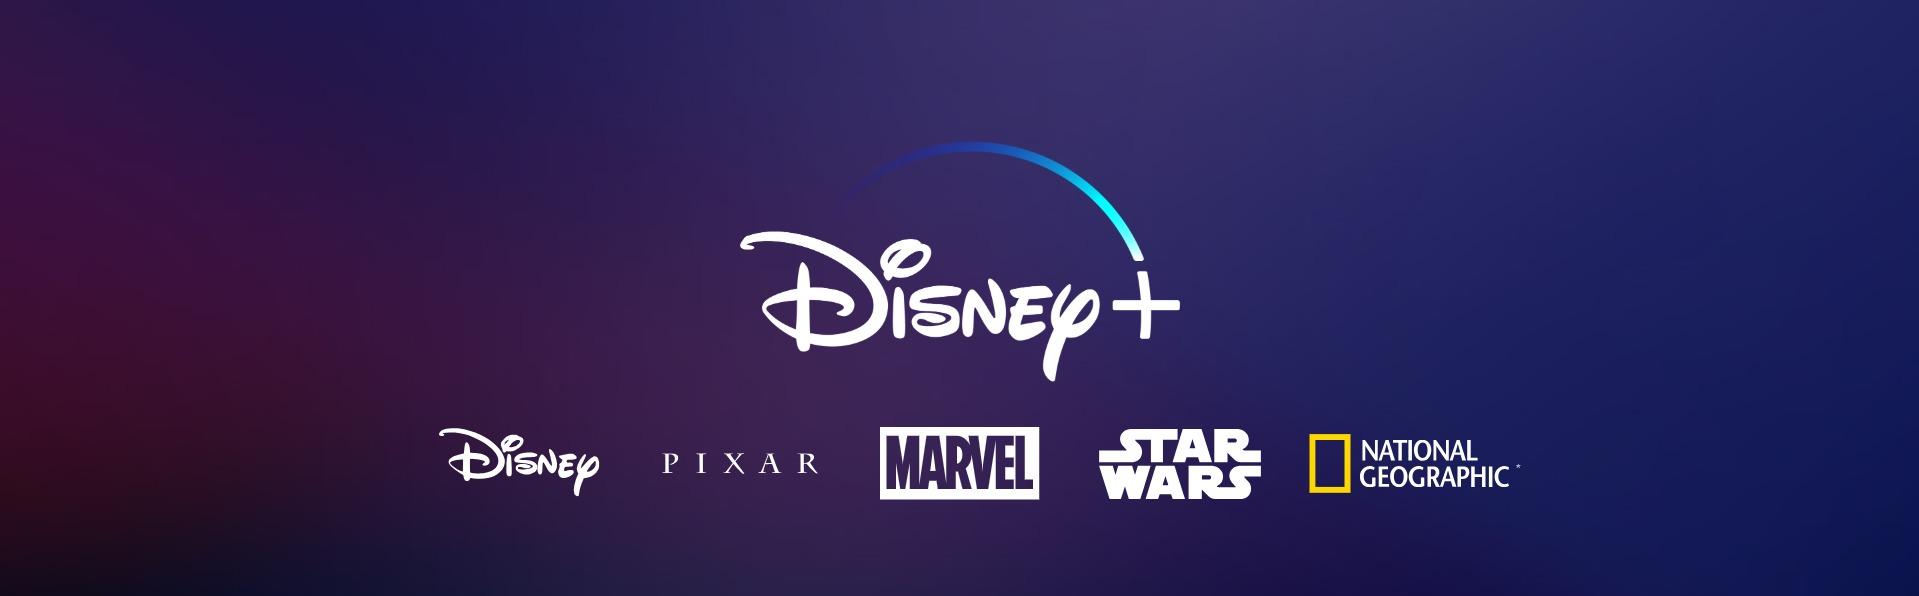 Disney+ Preview